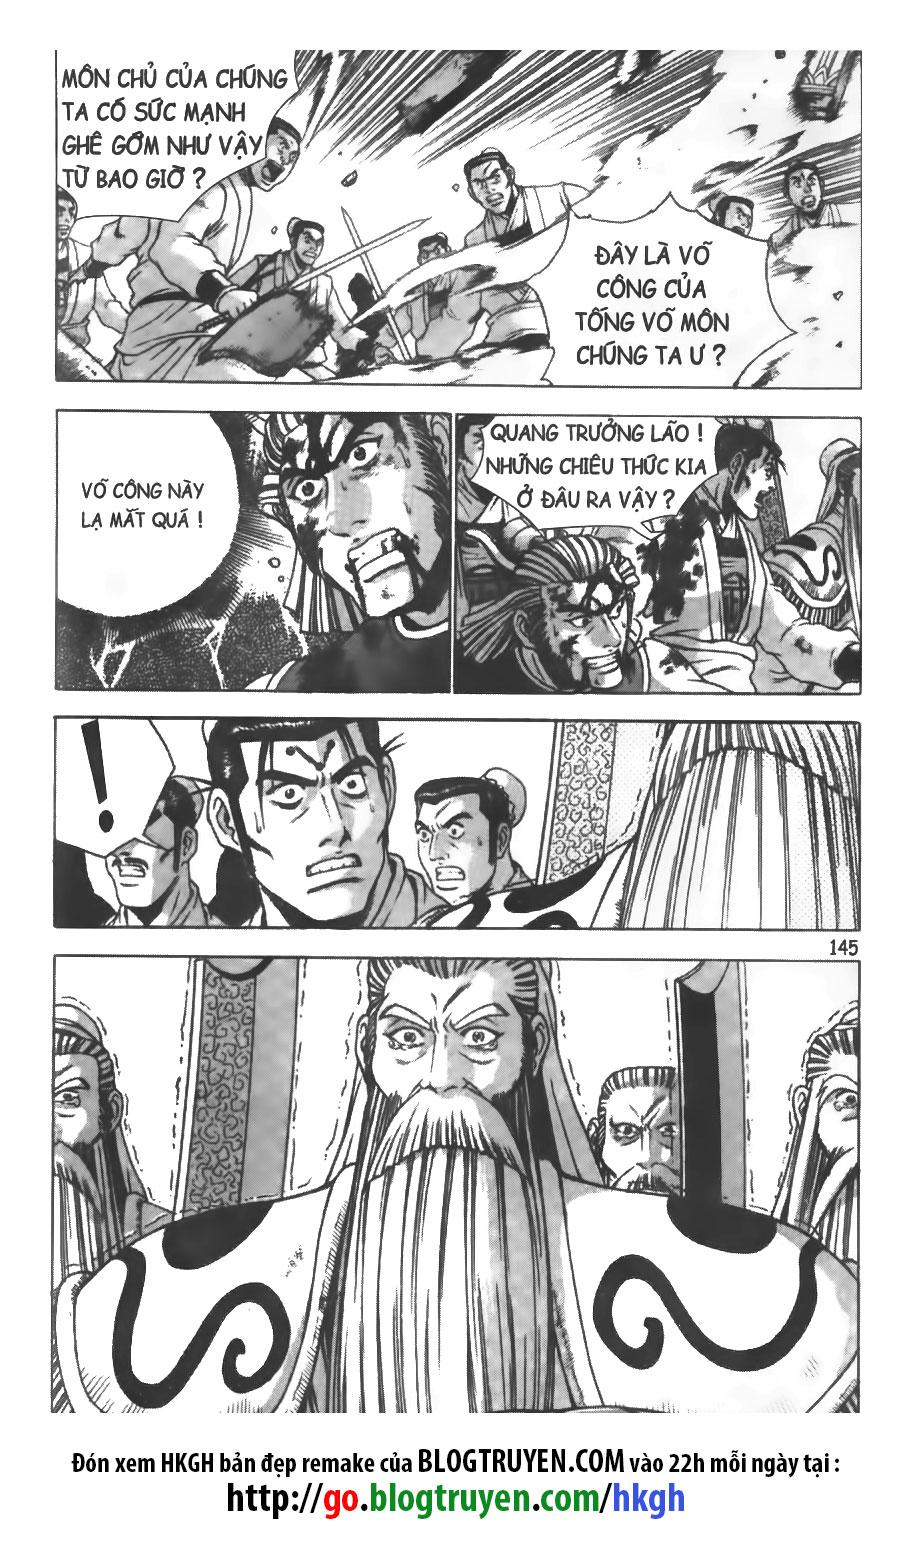 xem truyen moi - Hiệp Khách Giang Hồ Vol31 - Chap 213 - Remake